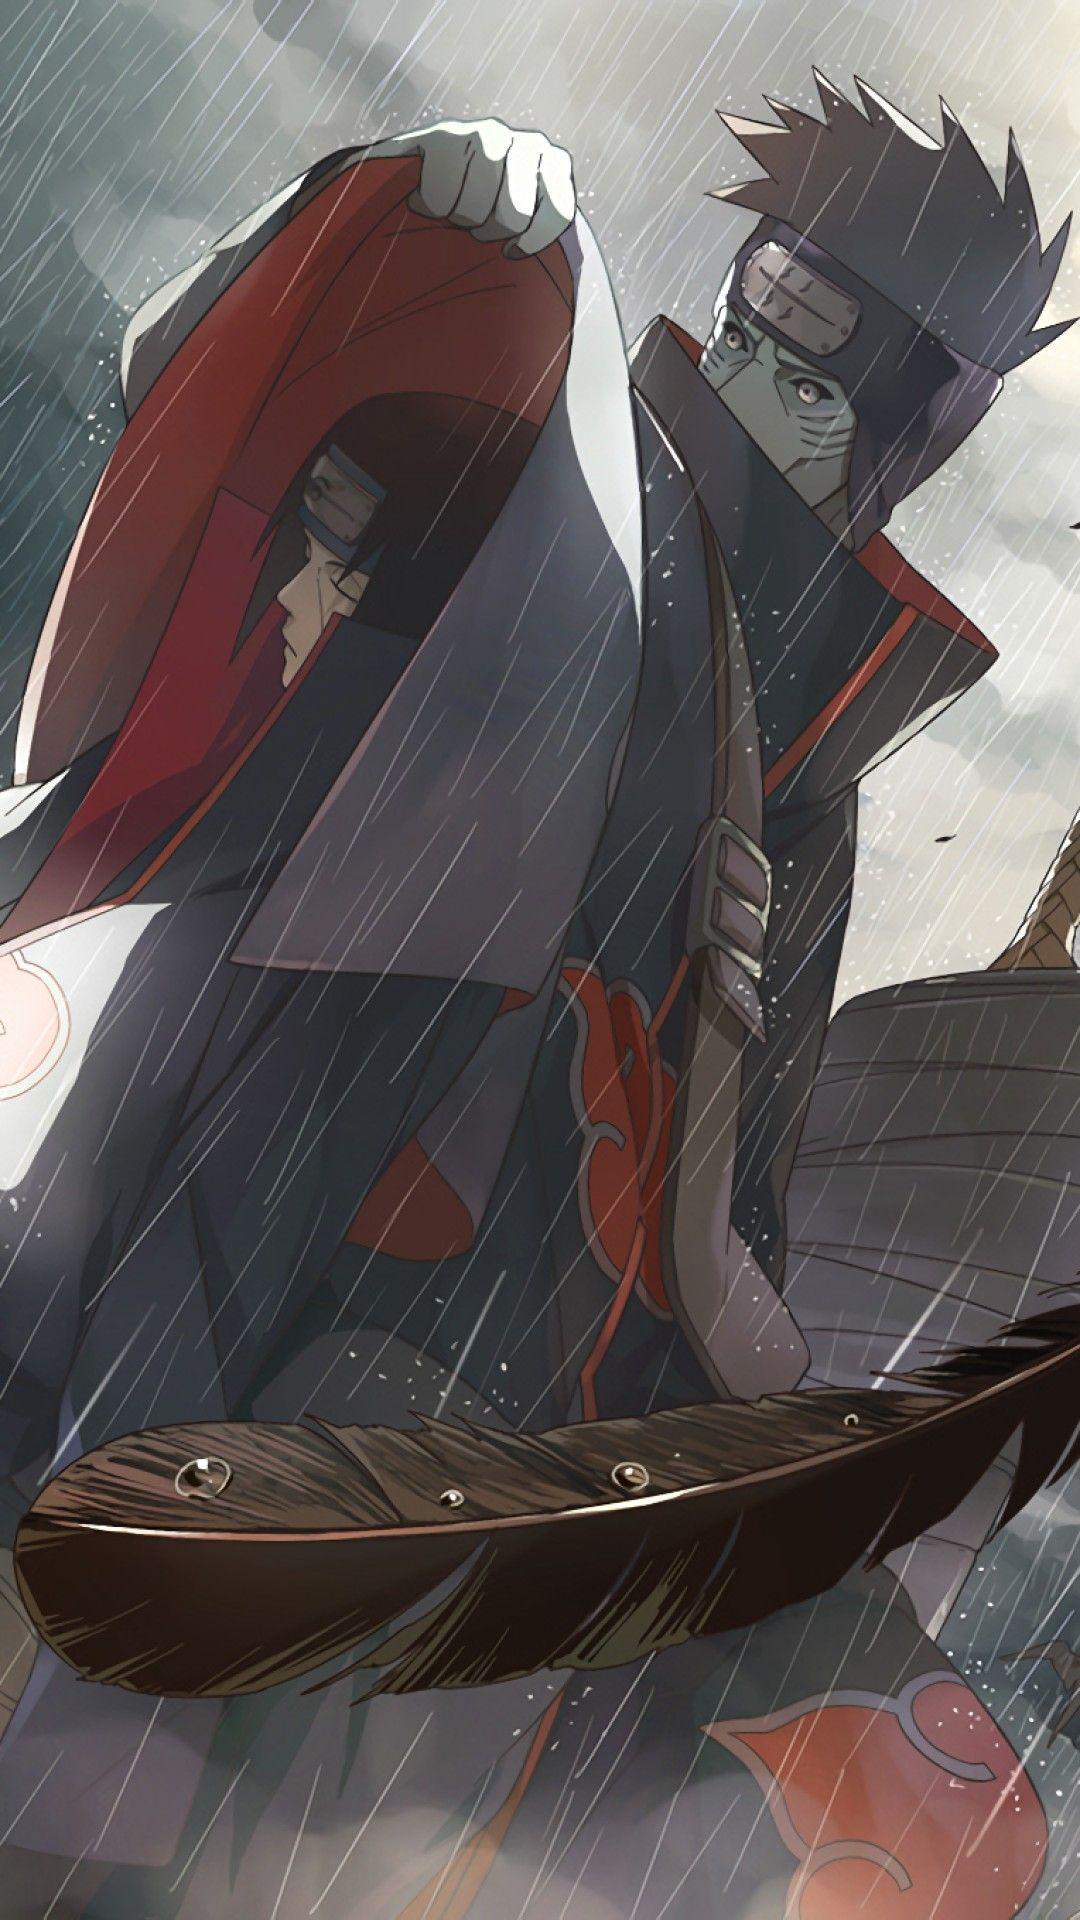 Wallpaper Phone Itachi And Kisame Full Hd Anime Naruto Naruto Shippuden Sasuke Naruto Kakashi